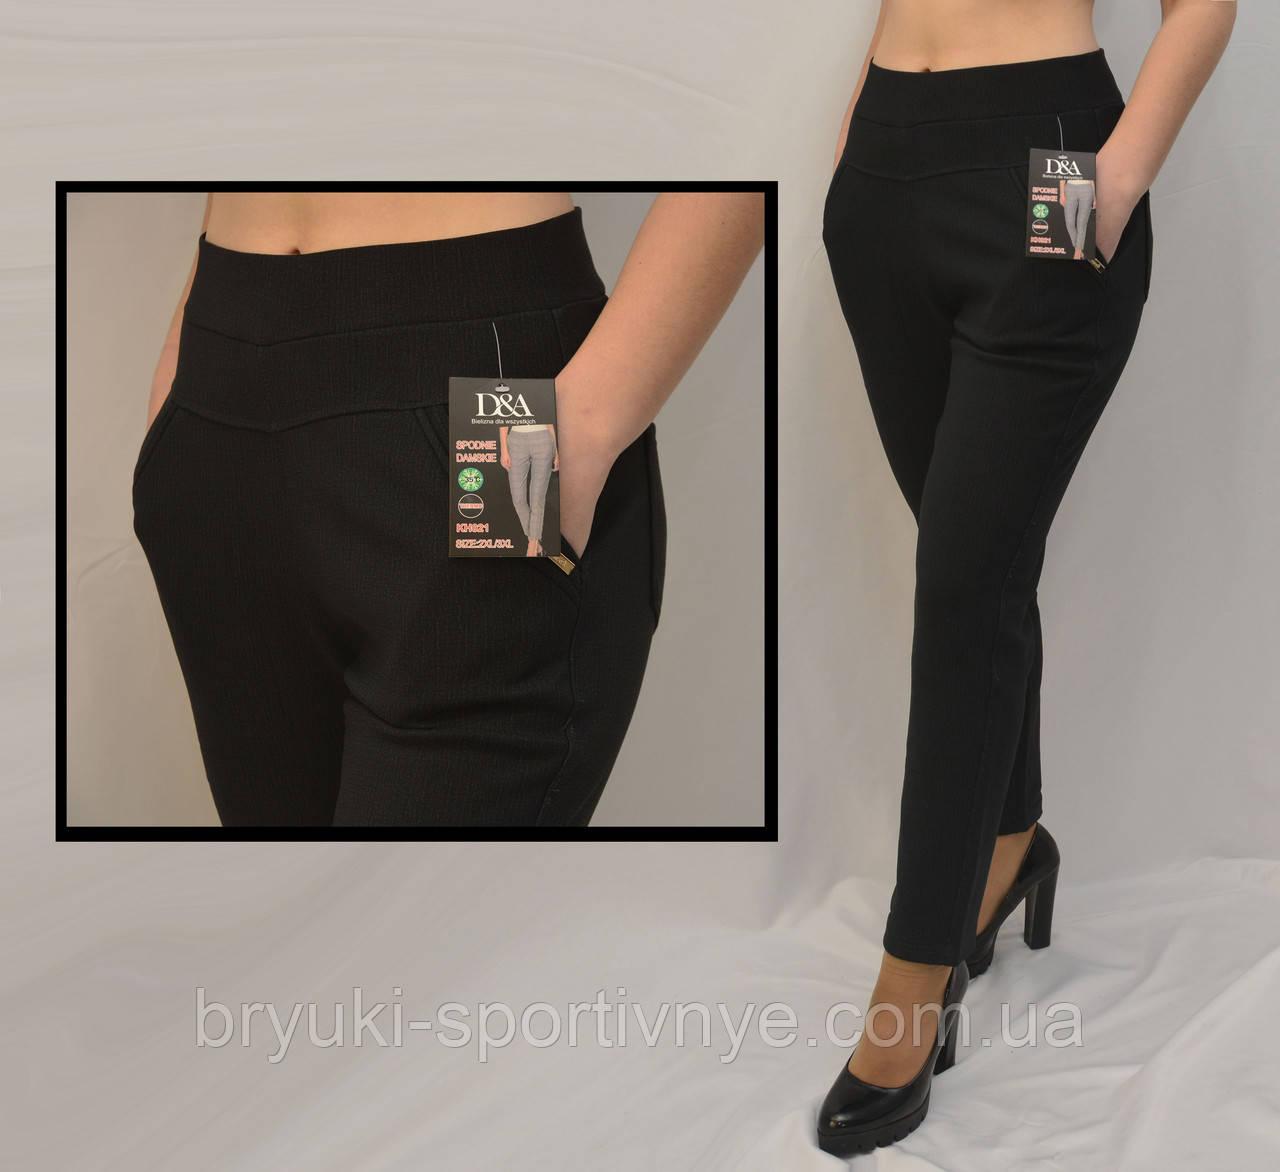 Жіночі зимові штани з начосом у великих розмірах 2XL - 7XL Лосіни жіночі з кишенями - батал